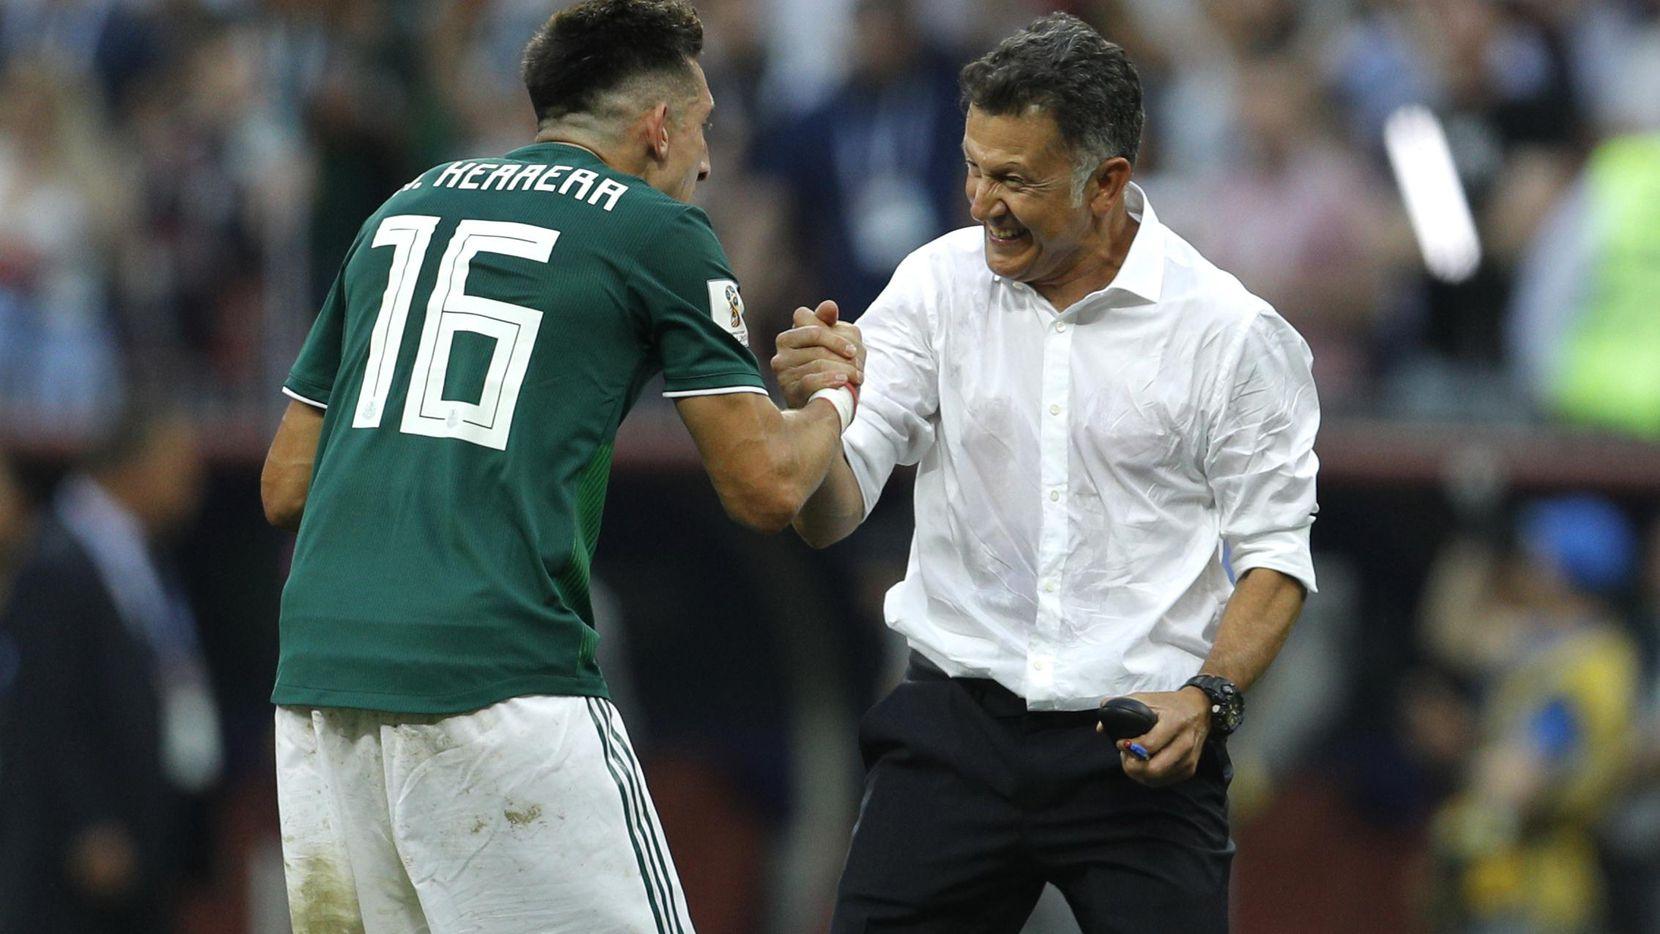 Juan Carlos Osorio cuenta con el apoyo de los jugadores del Tri, tras triunfo histórico ante Alemania en el Mundial. Foto AP